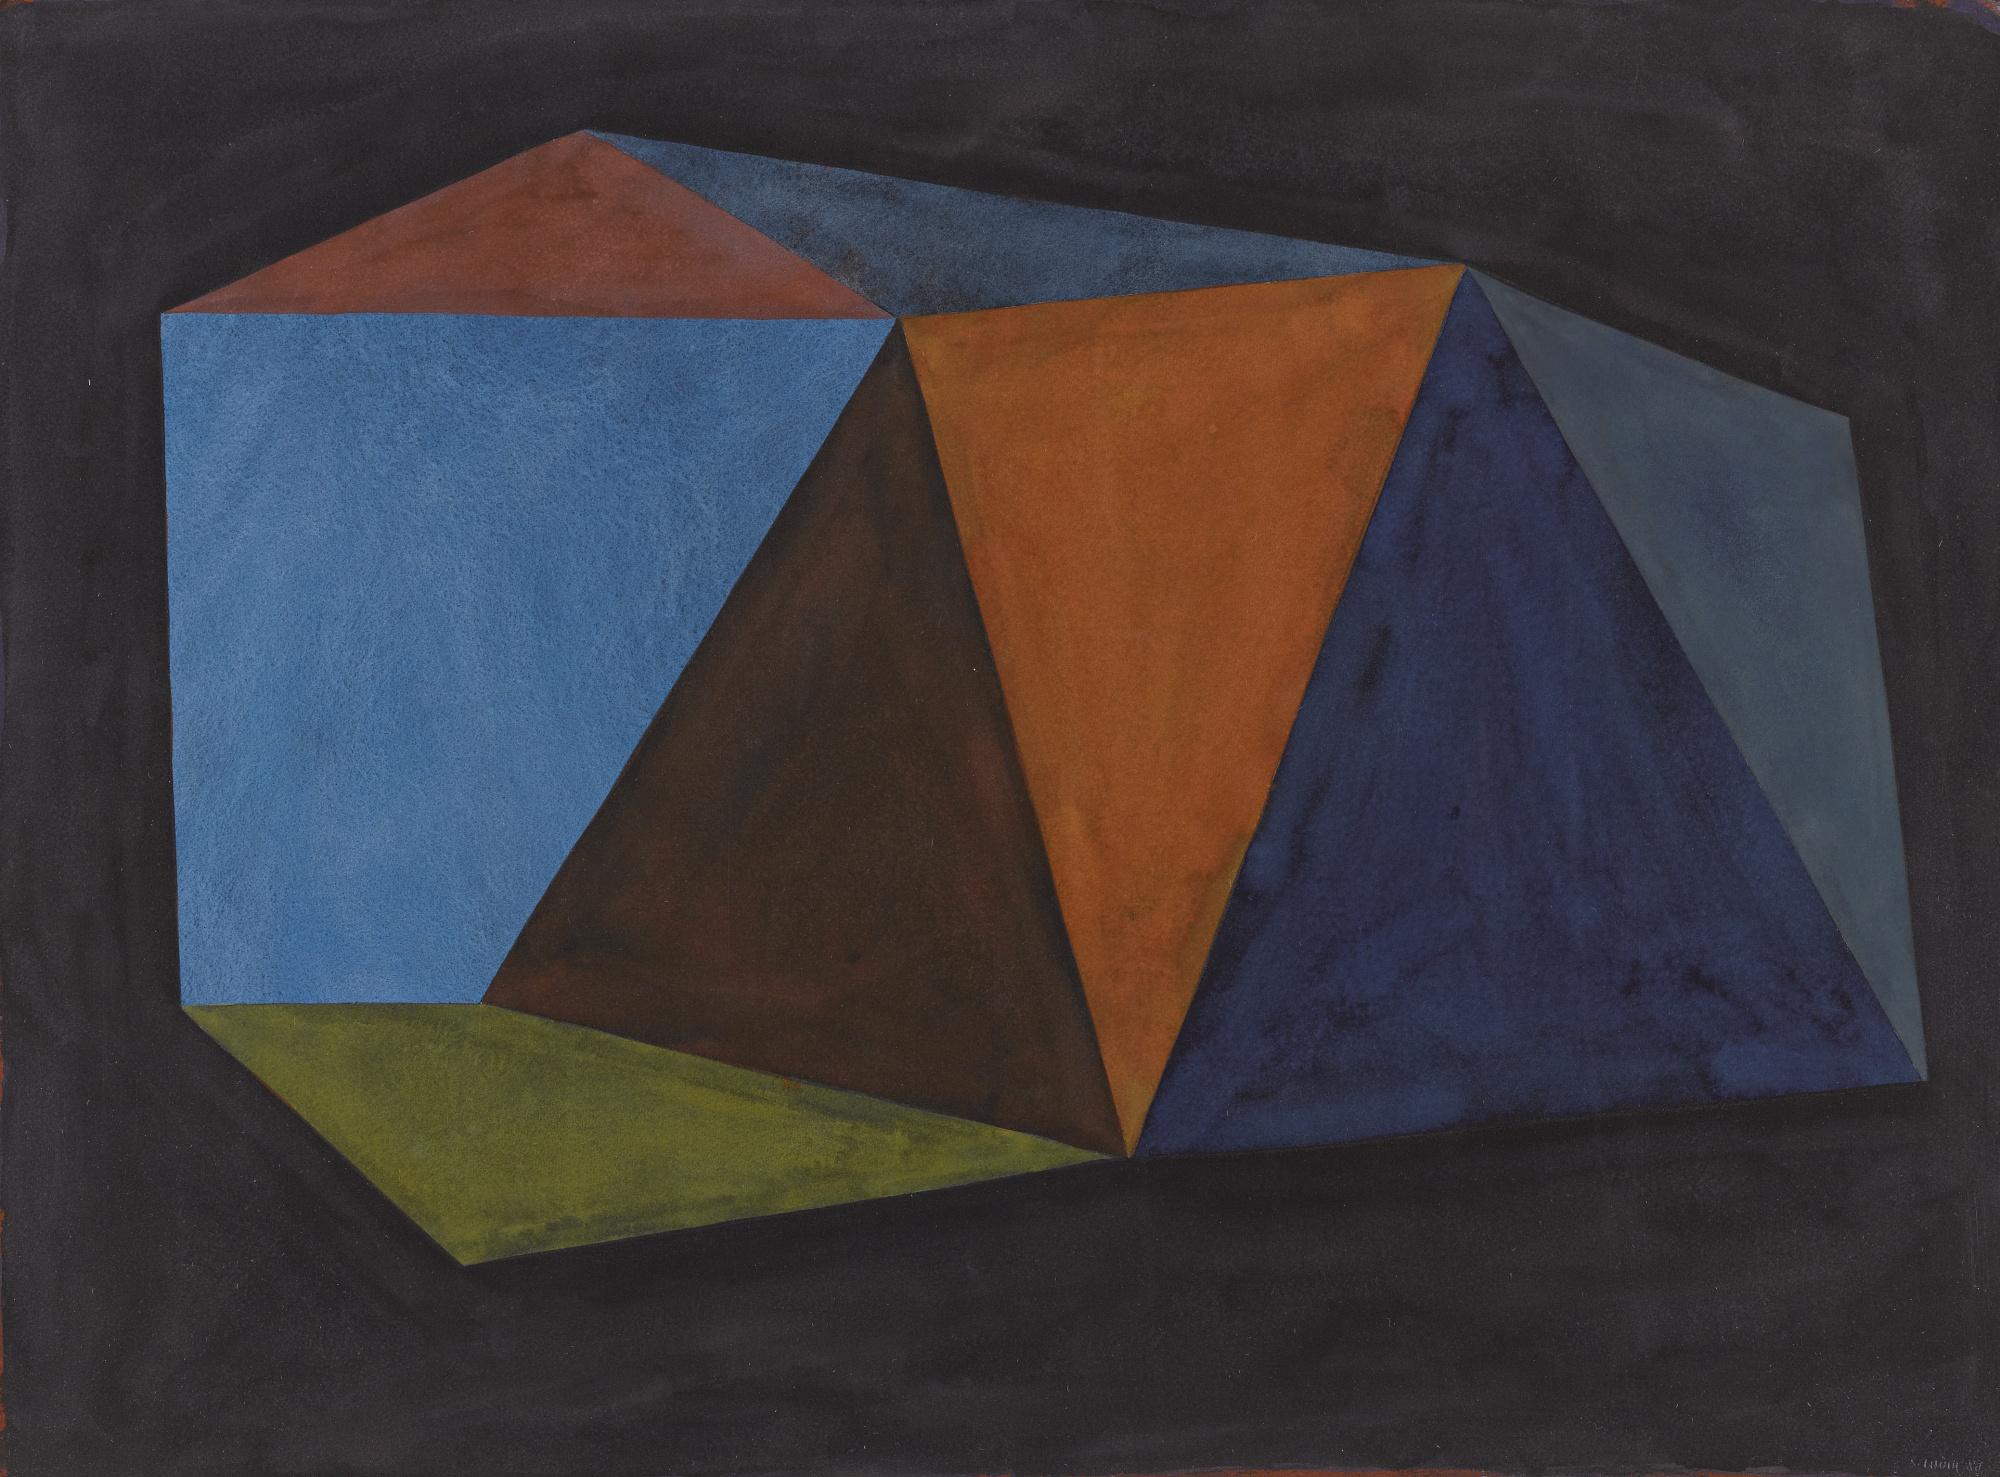 Sol LeWitt-Complex Form-1988